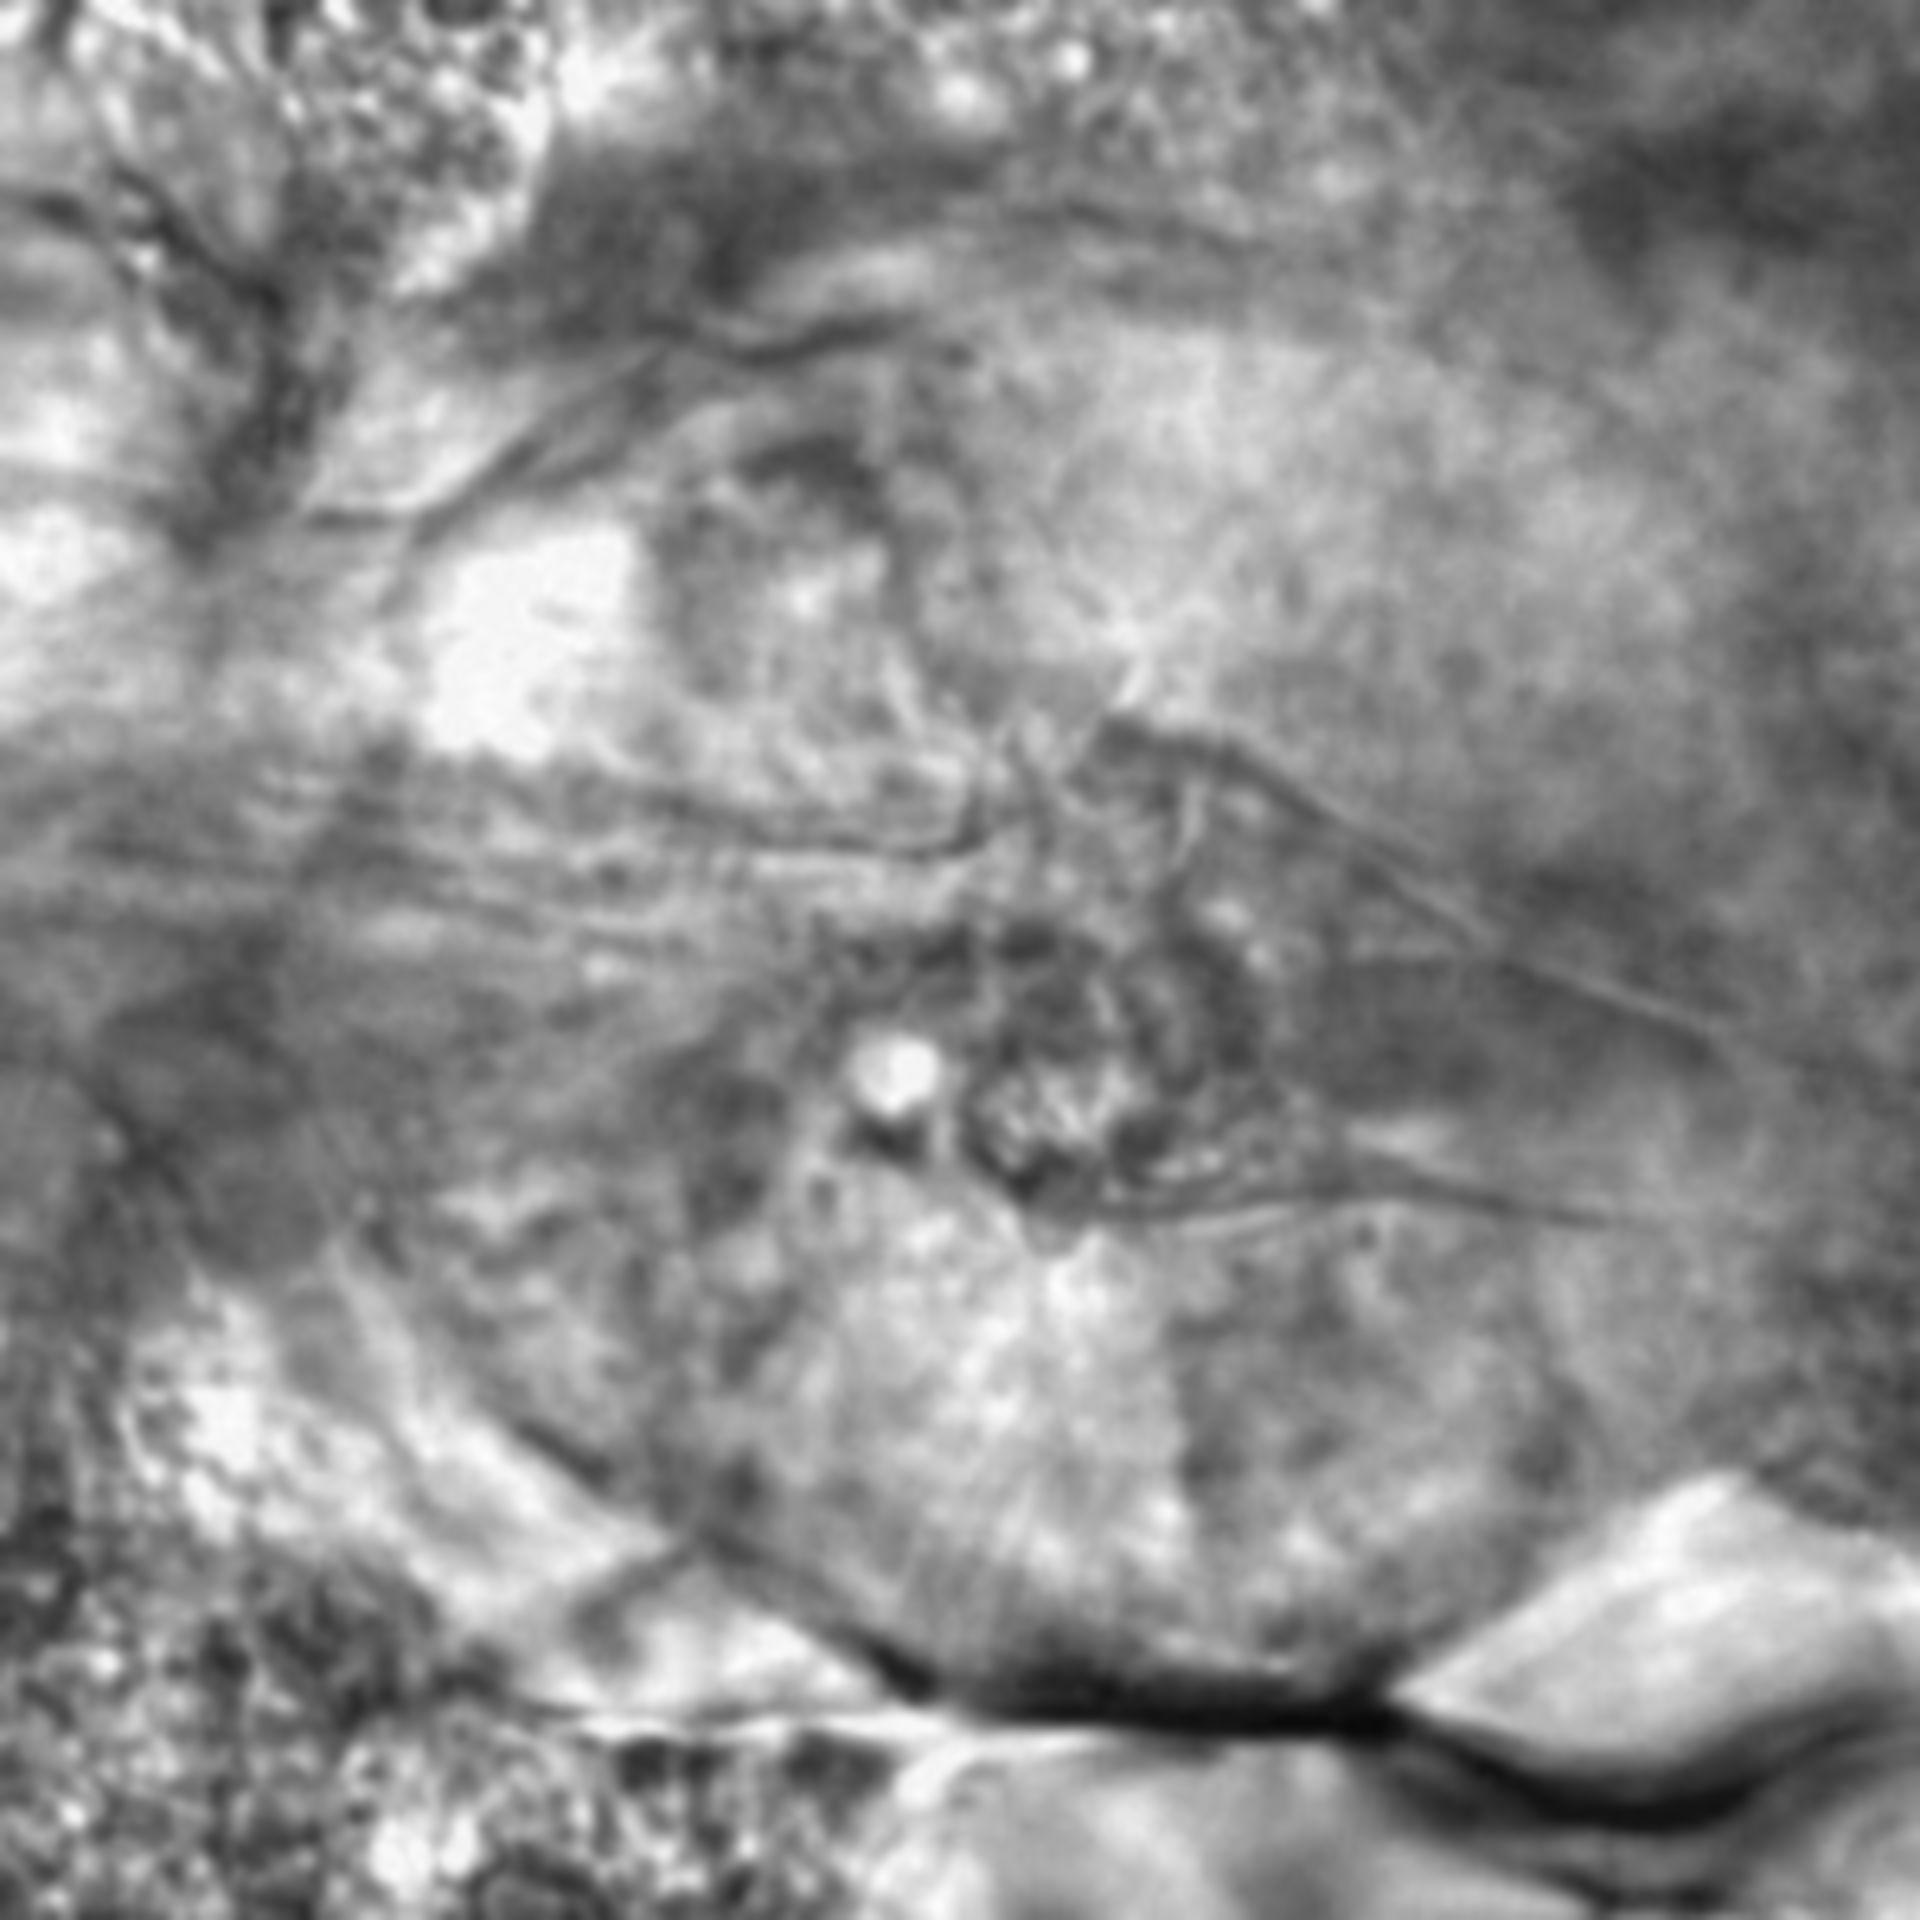 Caenorhabditis elegans - CIL:2235